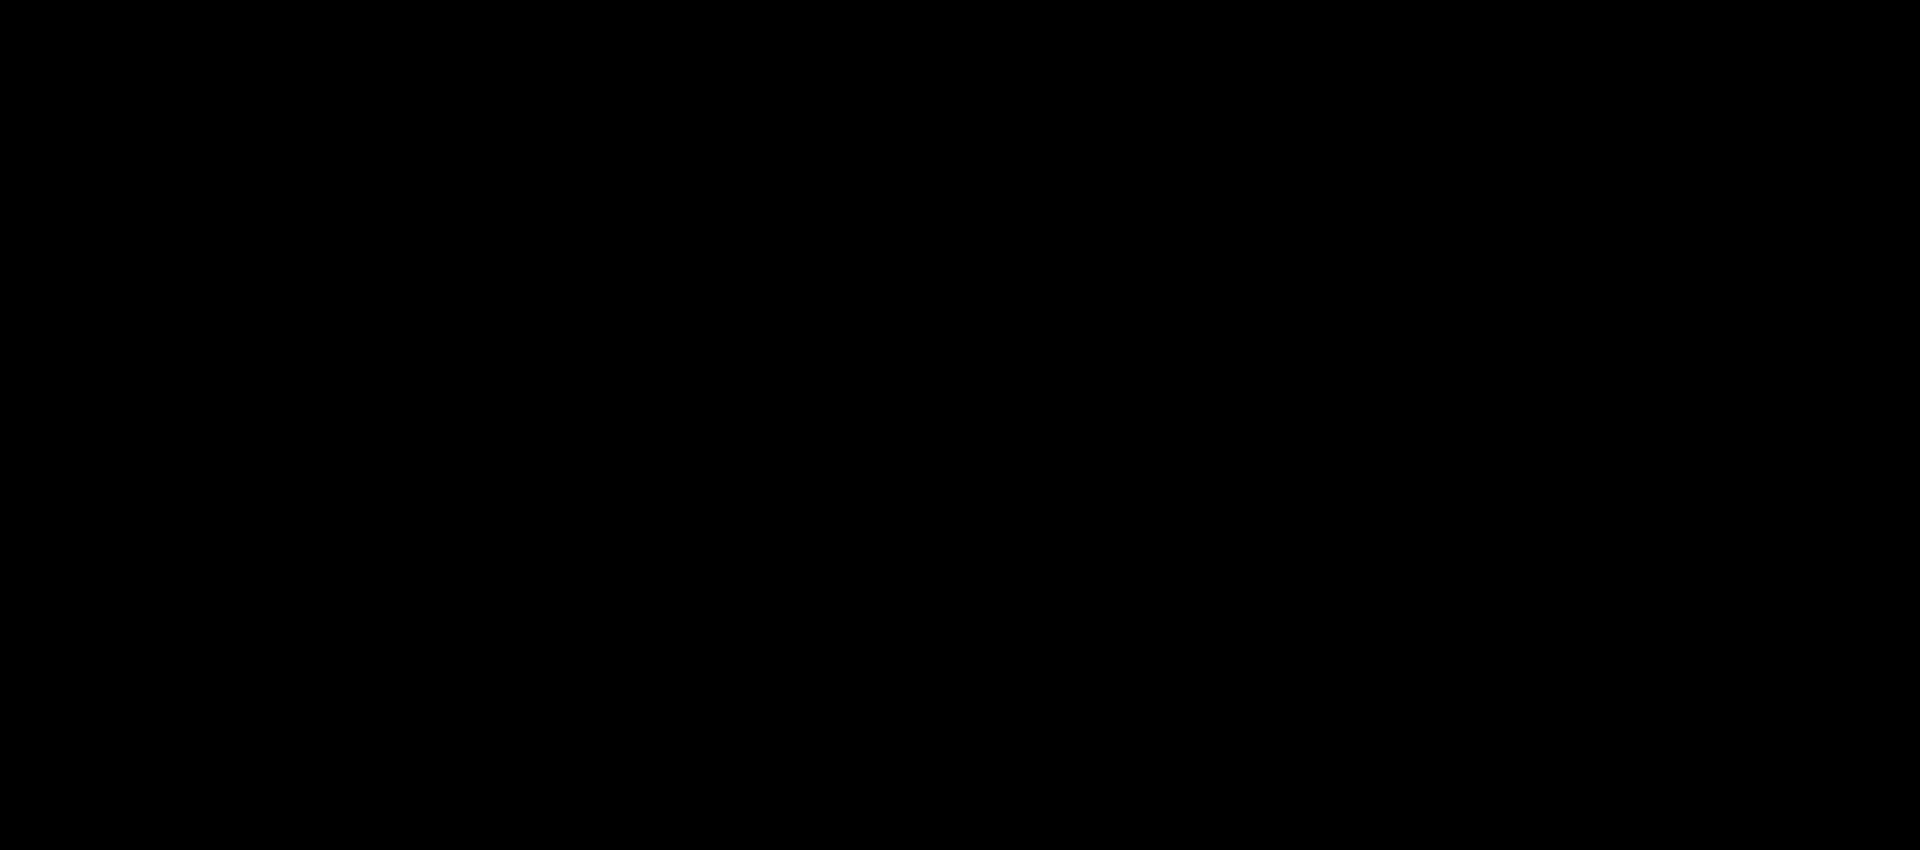 MILKA.1 (1).png